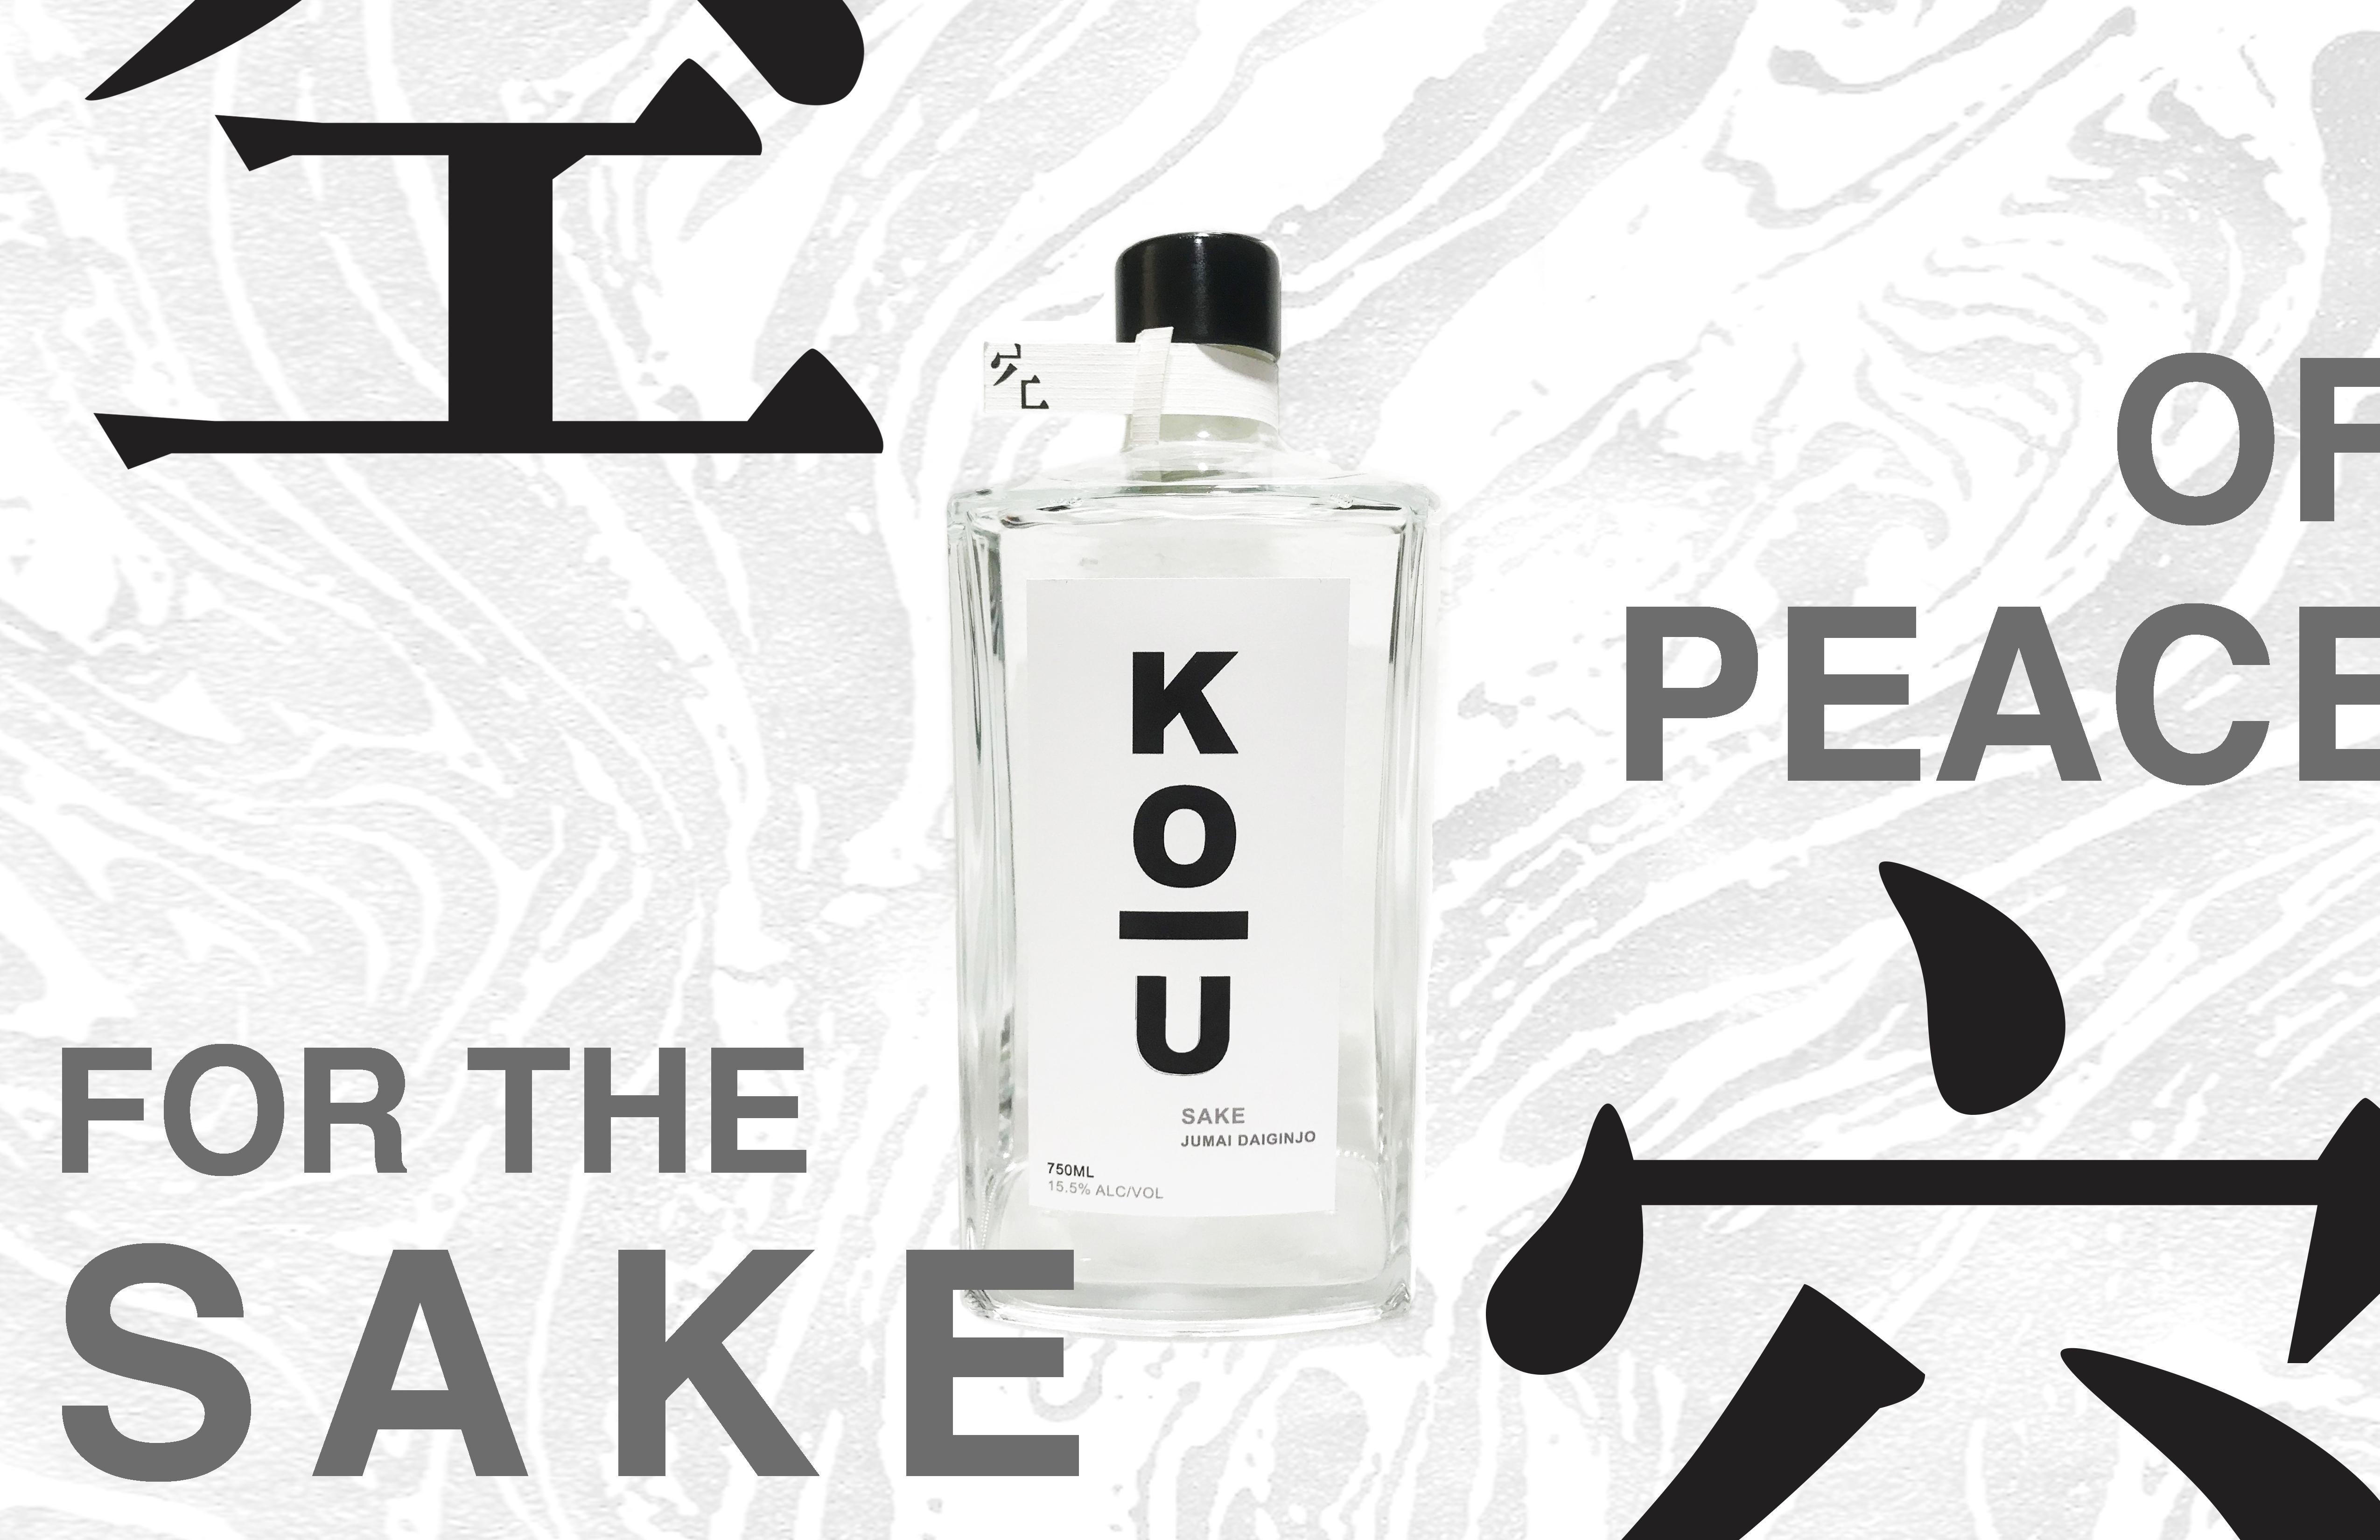 The KO-U SAKE